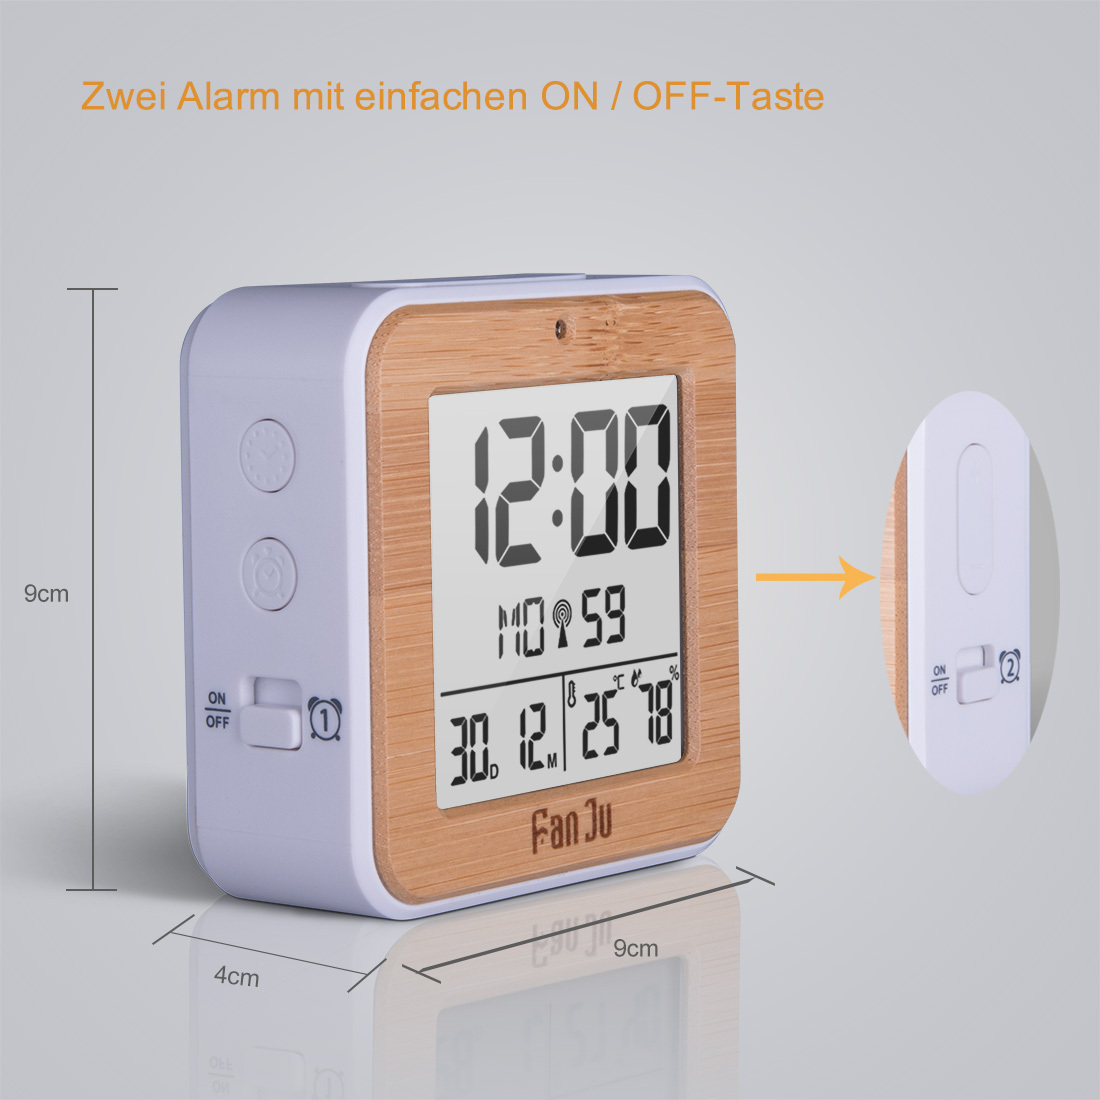 Fanju Fj3533w Small Digital Alarm Clock Battery Operated